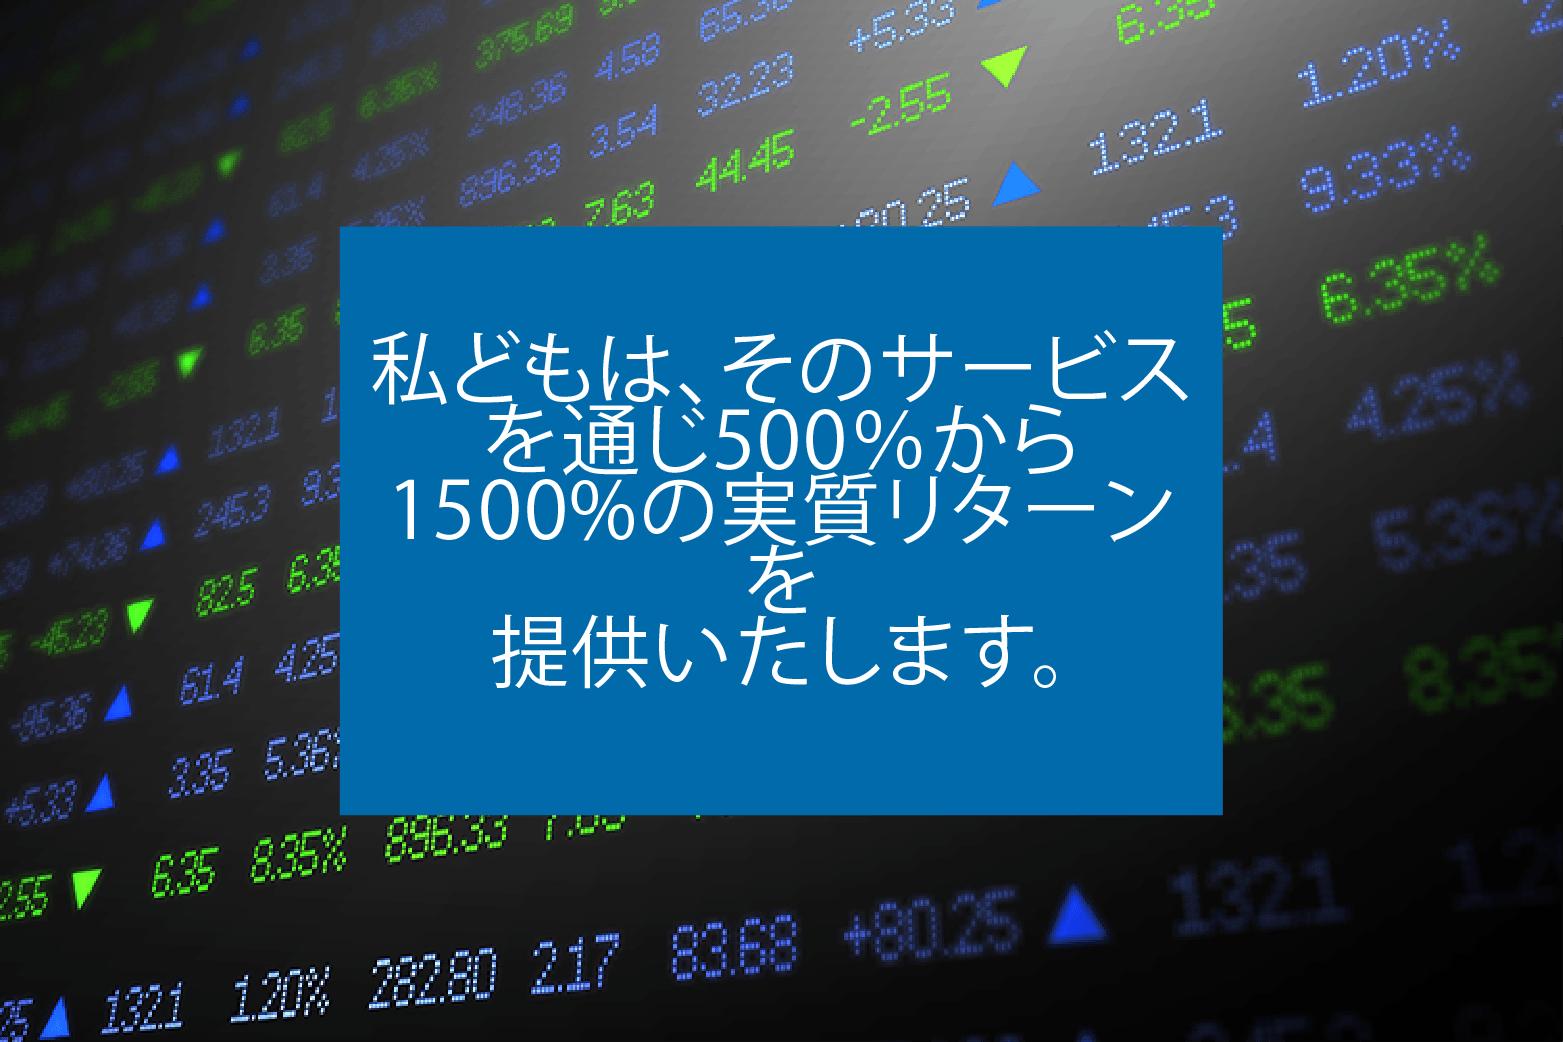 750x500 Hero JP 03 1 - Home